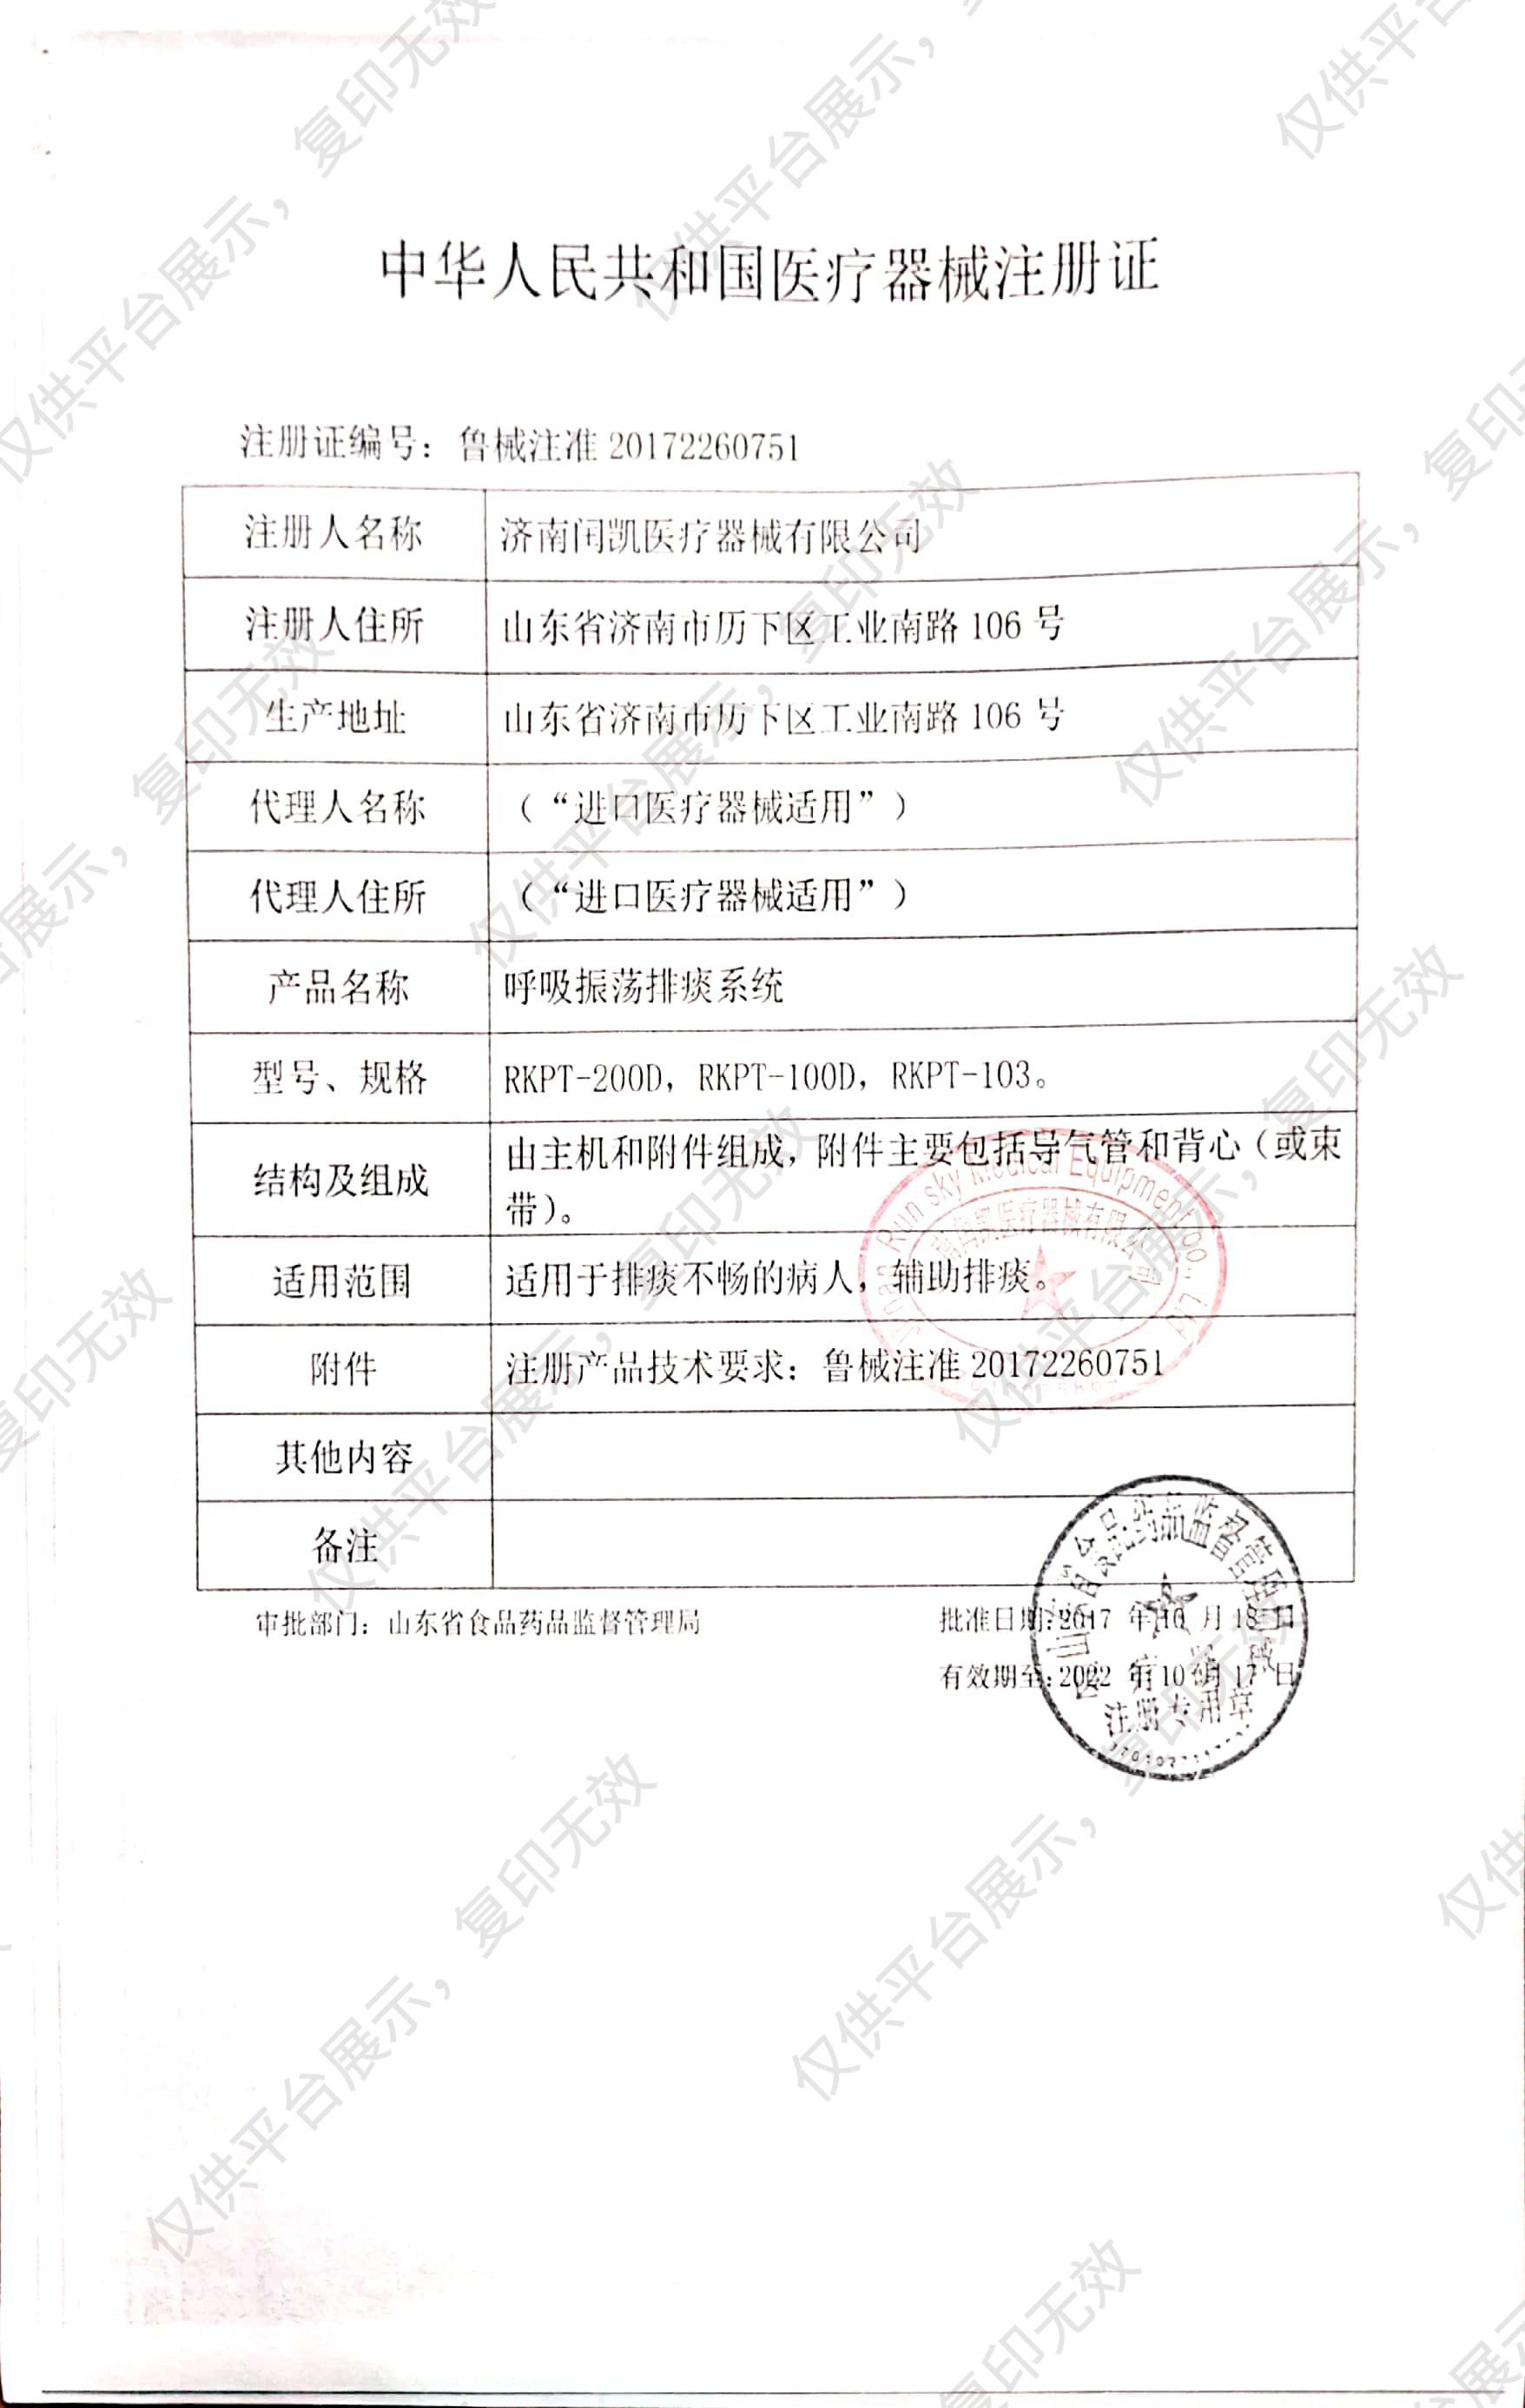 闰凯医疗 呼吸振荡排痰系统(排痰机) RKPT-200D注册证